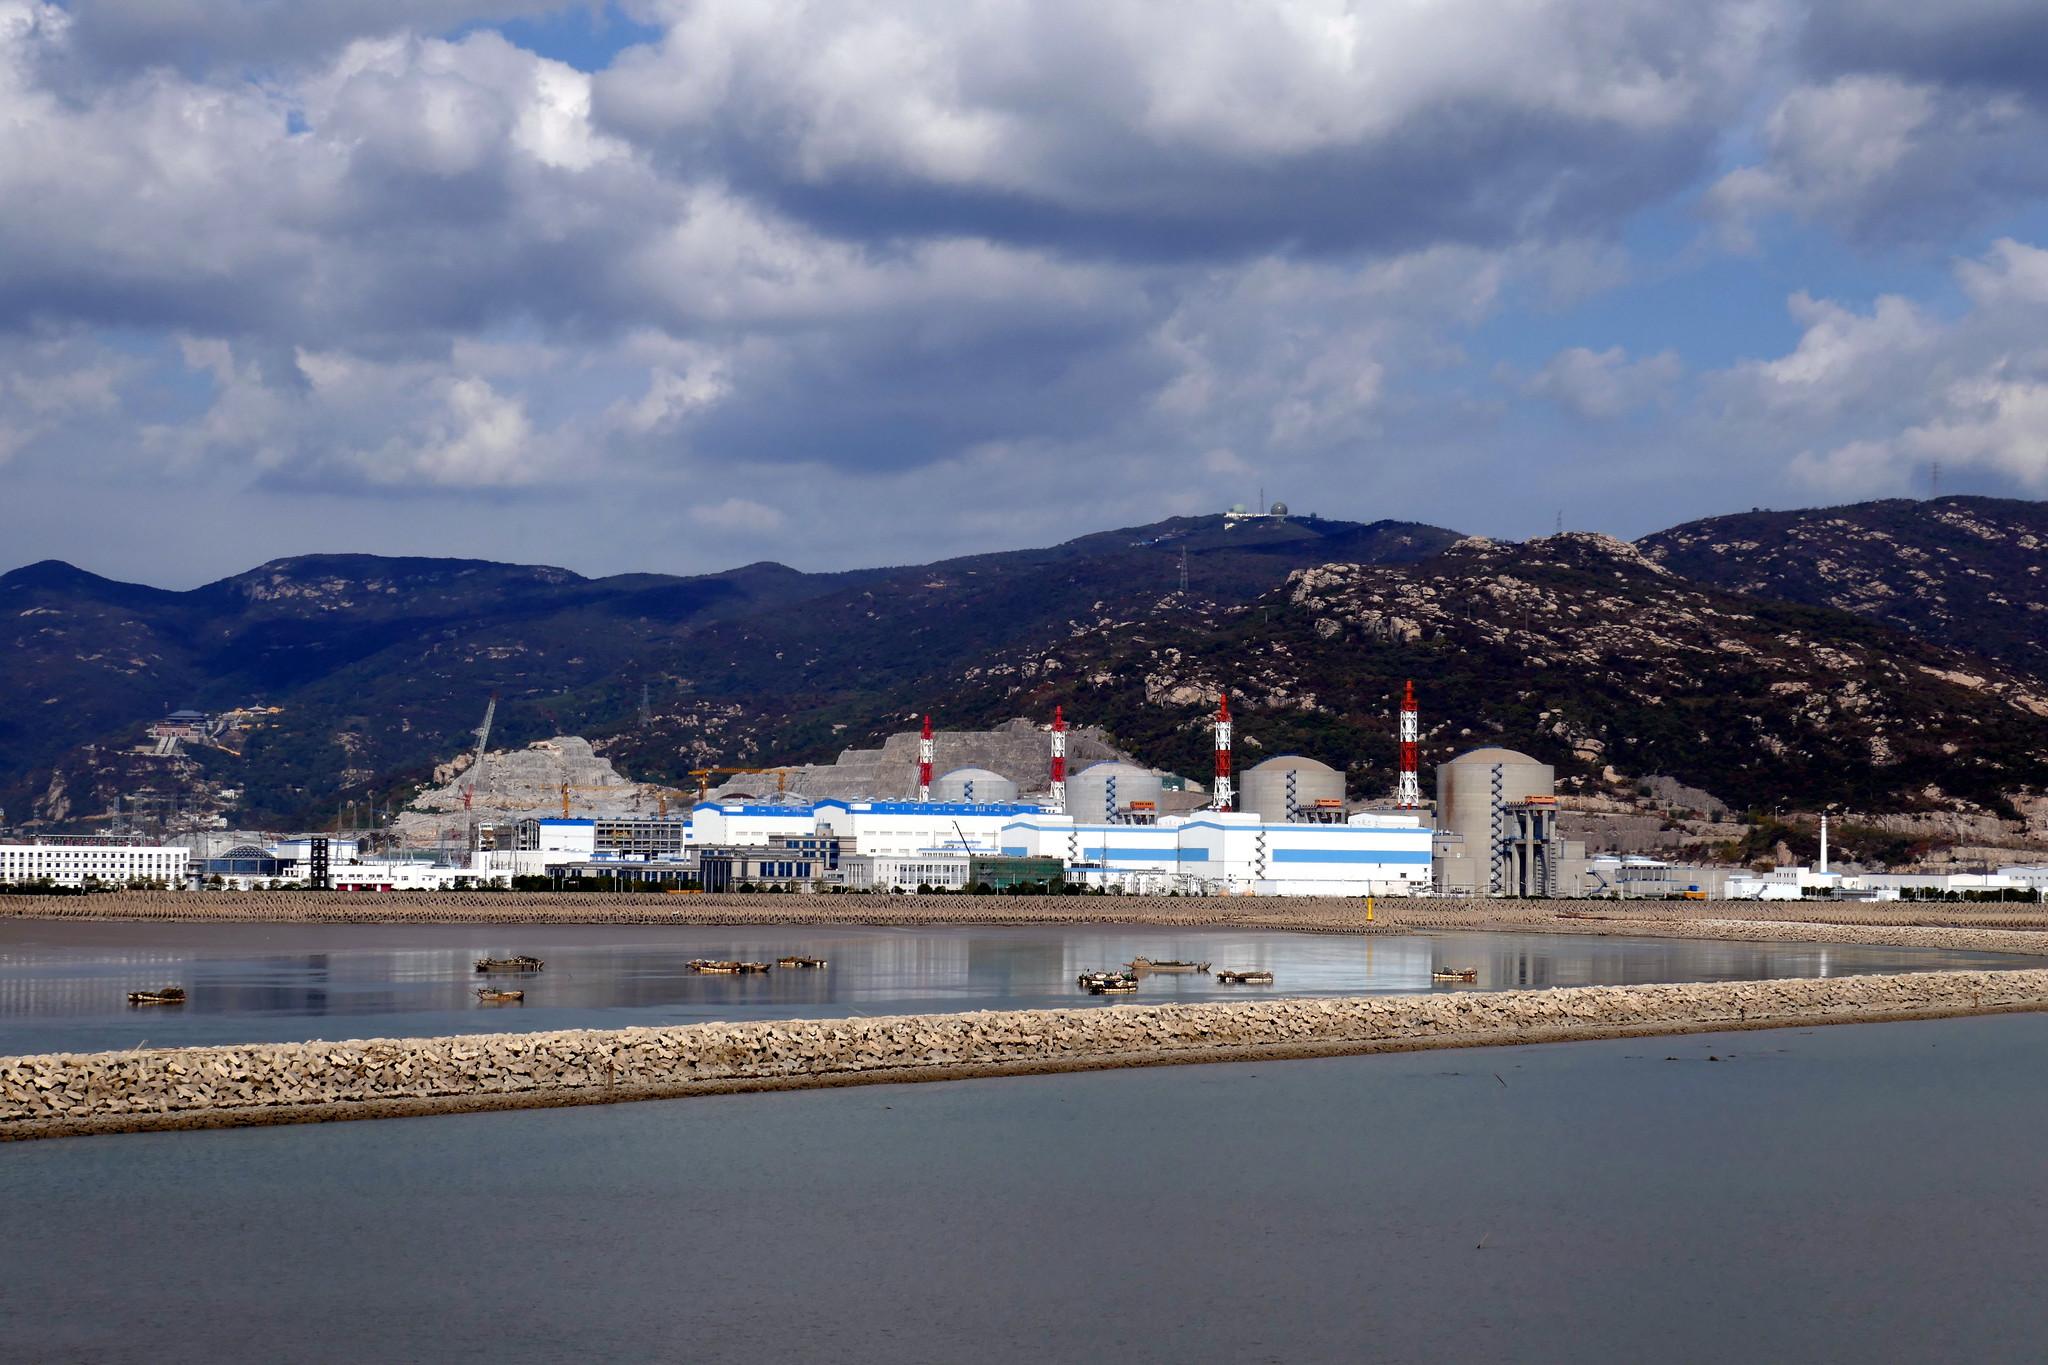 jaderná energie - Rosatom předal Číně 4. blok JE Tchien-wan po 2 letech garančního provozu - Nové bloky ve světě (48012741482 9029462324 k) 2